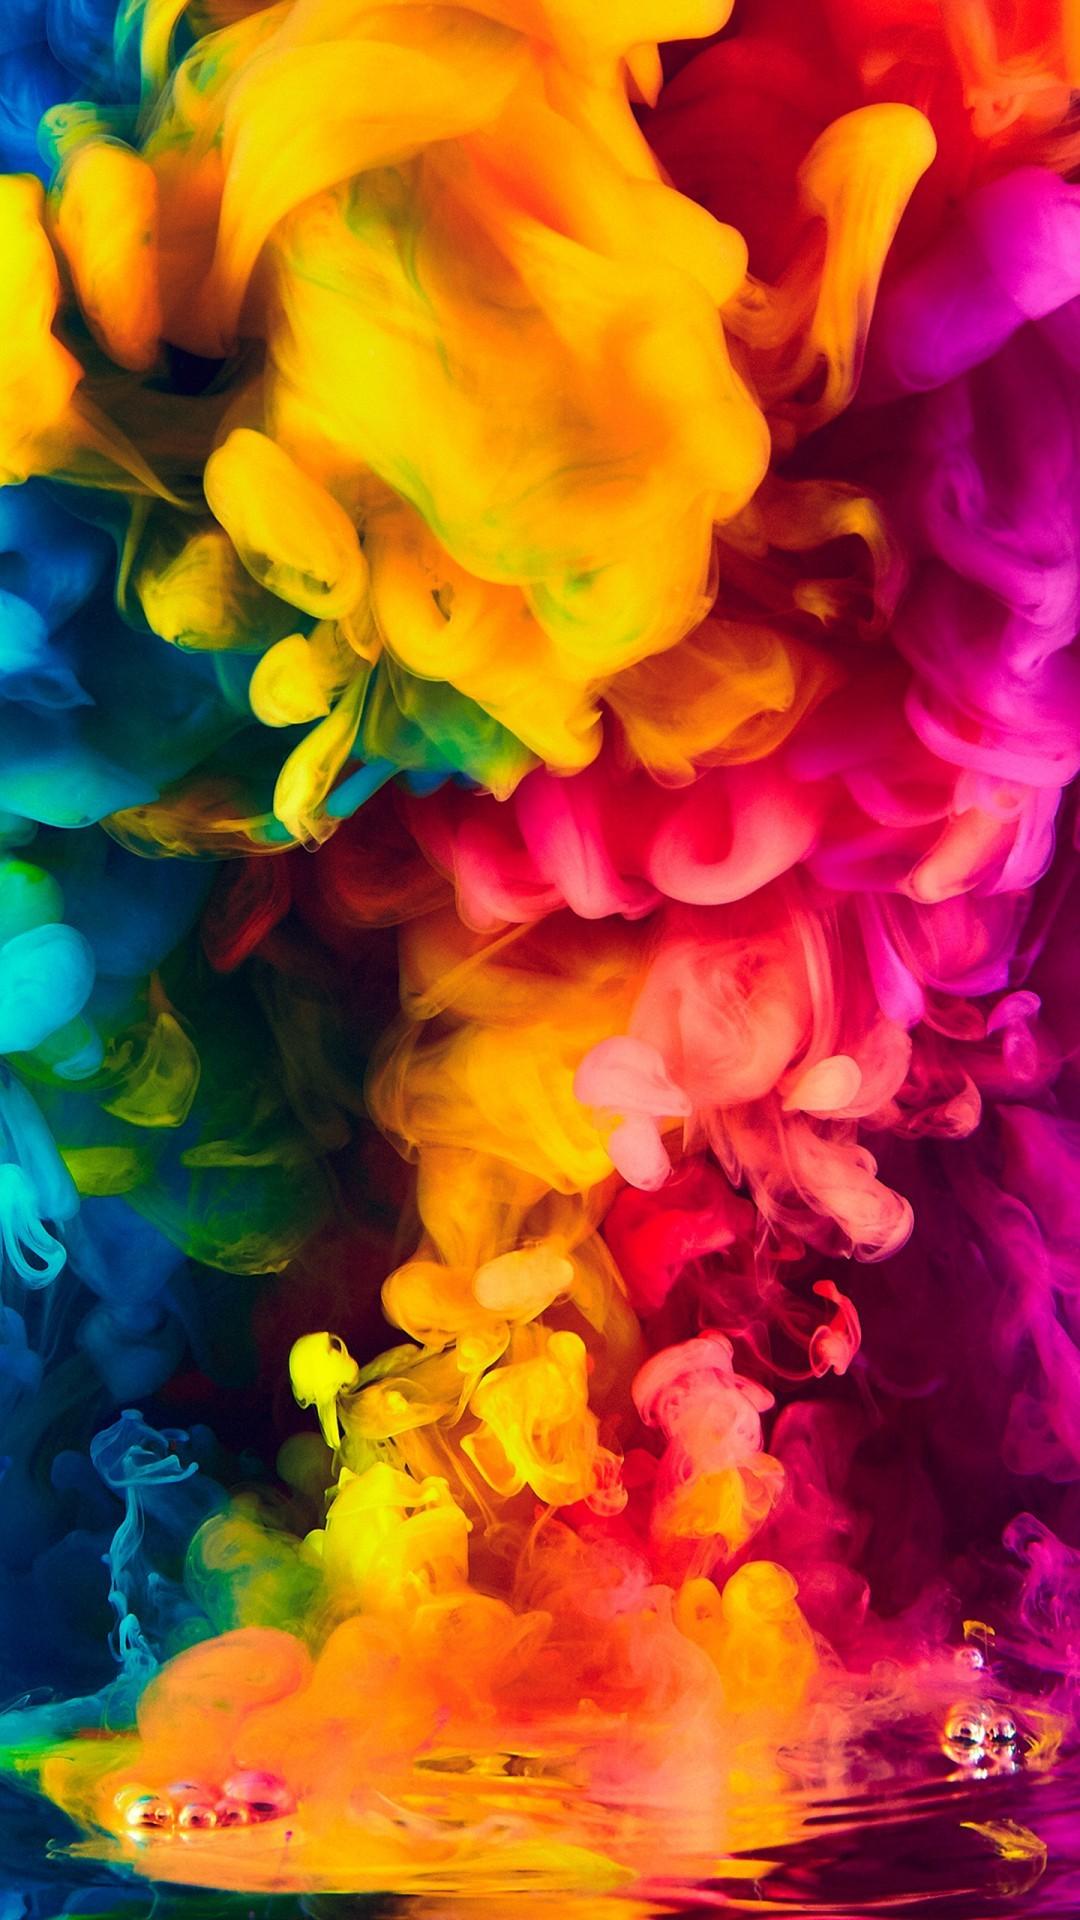 Free Colorful Smoke phone wallpaper by xatlas48x